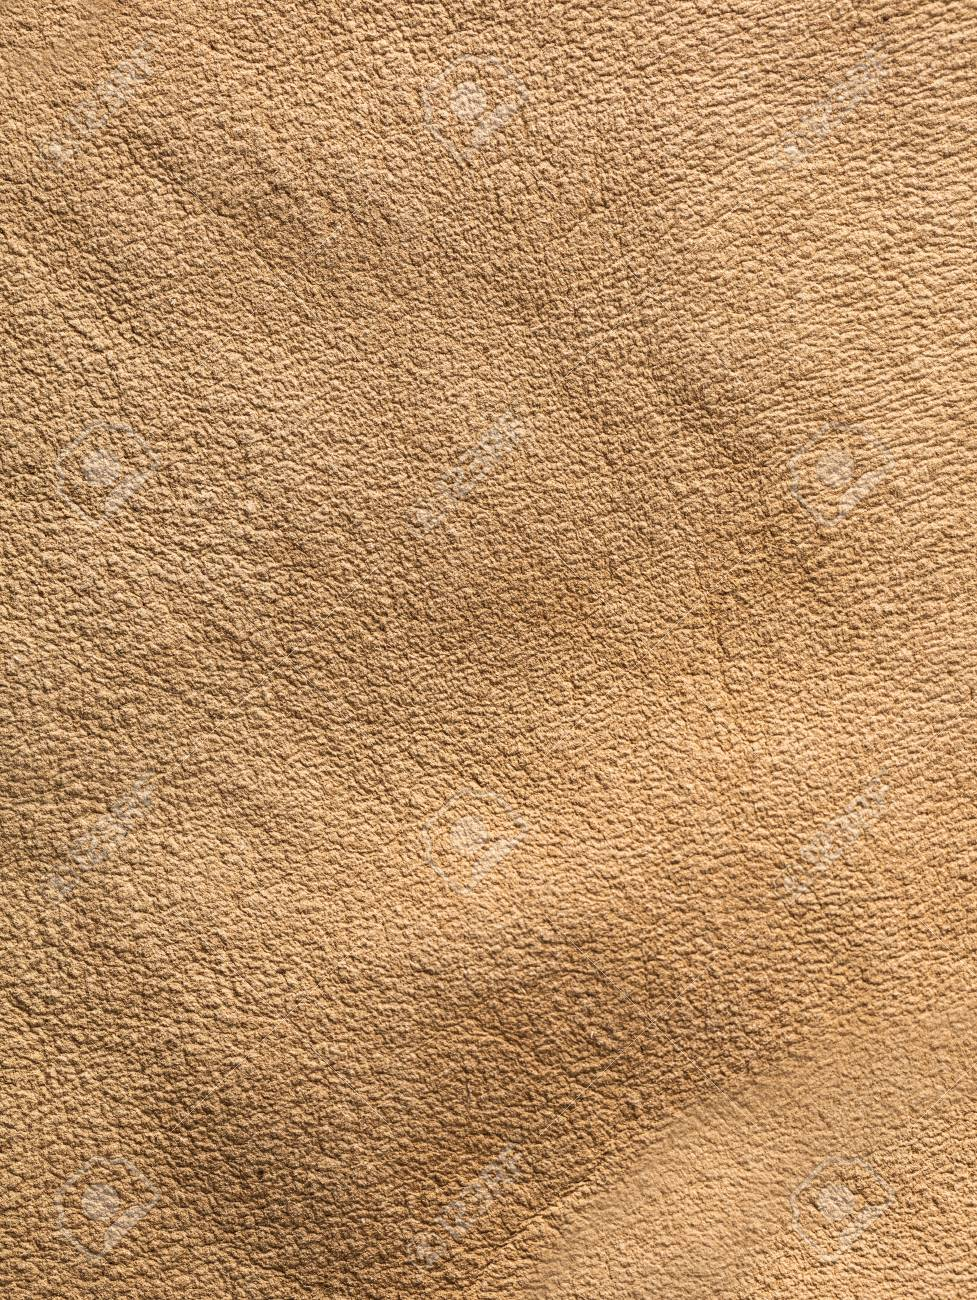 nouveau produit e4b36 71eee Abstract texture de fond de cuir de daim naturel